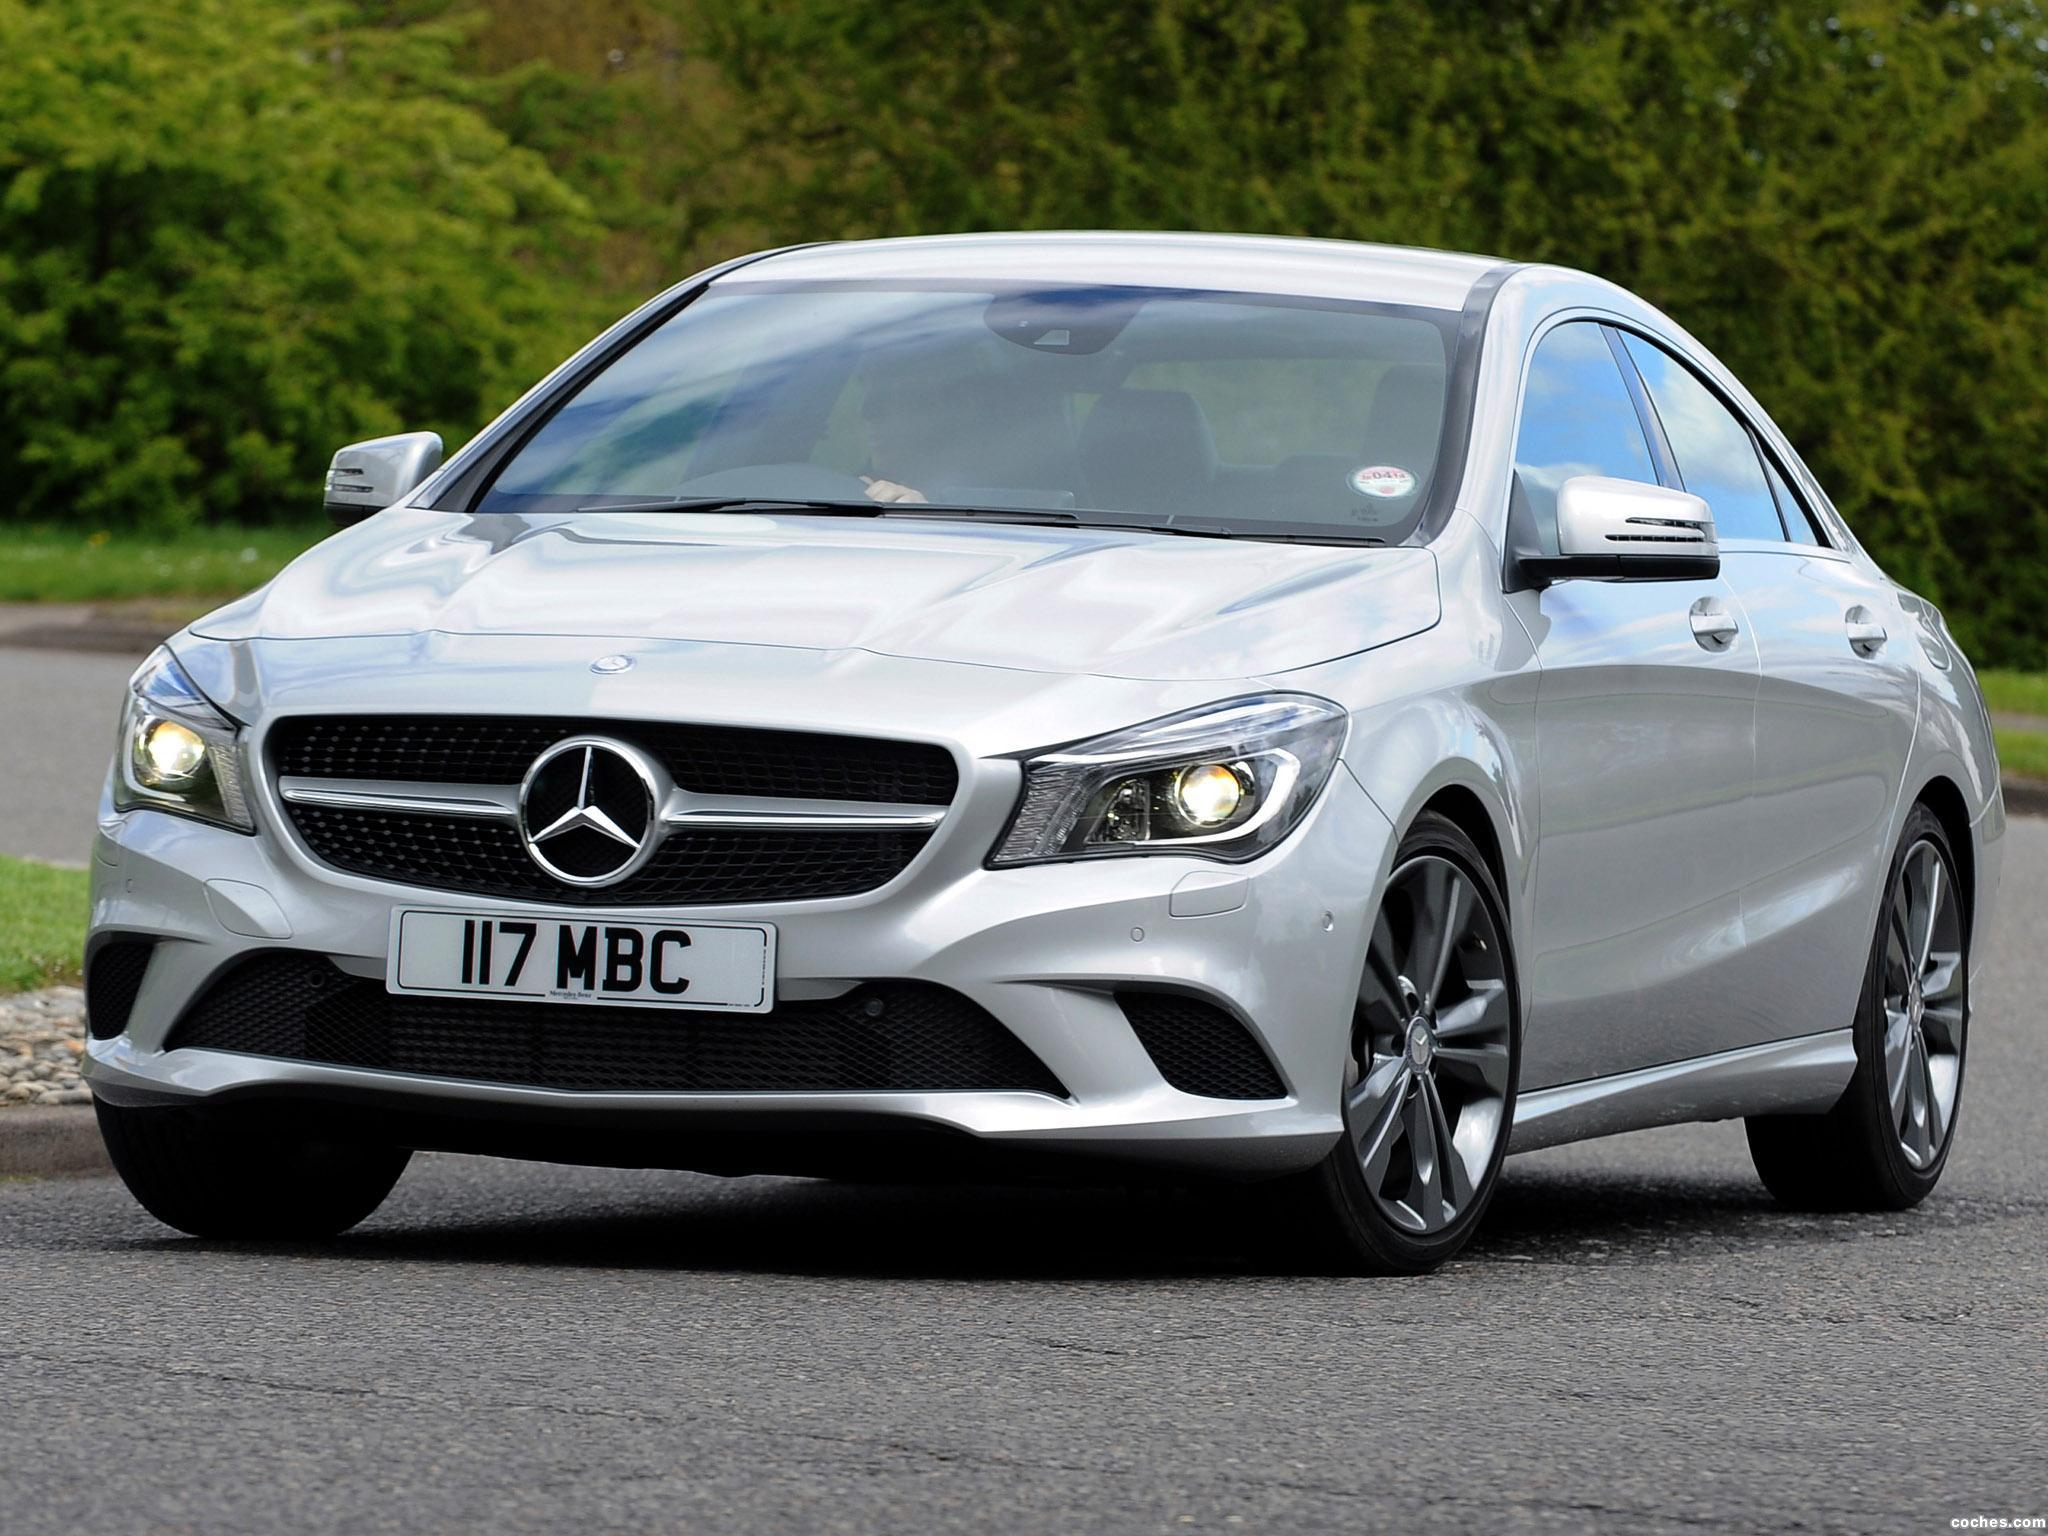 Foto 0 de Mercedes Clase CLA 180 UK 2013